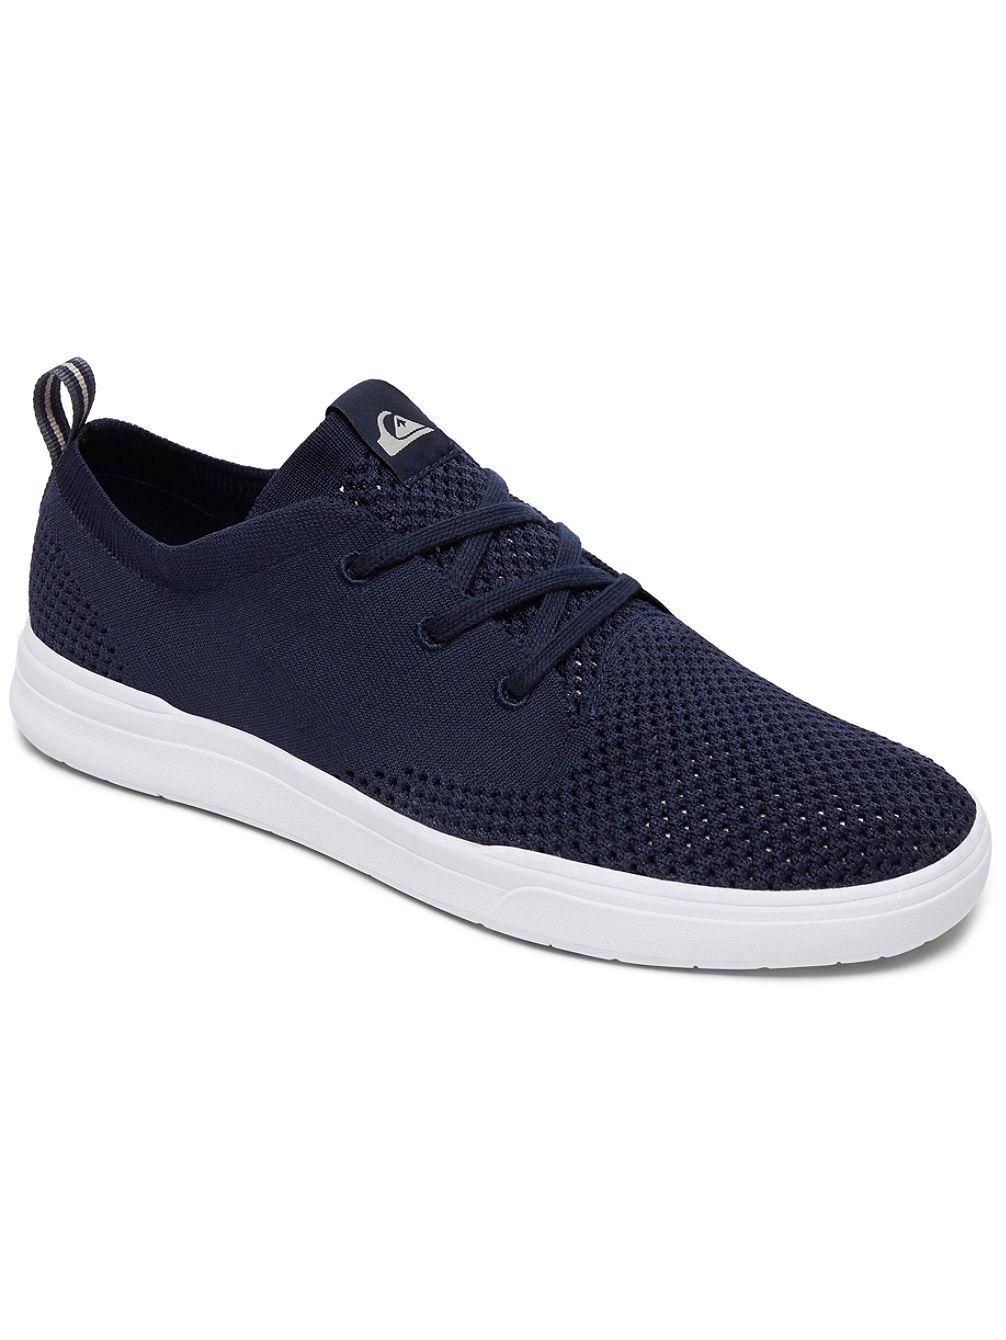 Buy Quiksilver Shorebreak Shoes